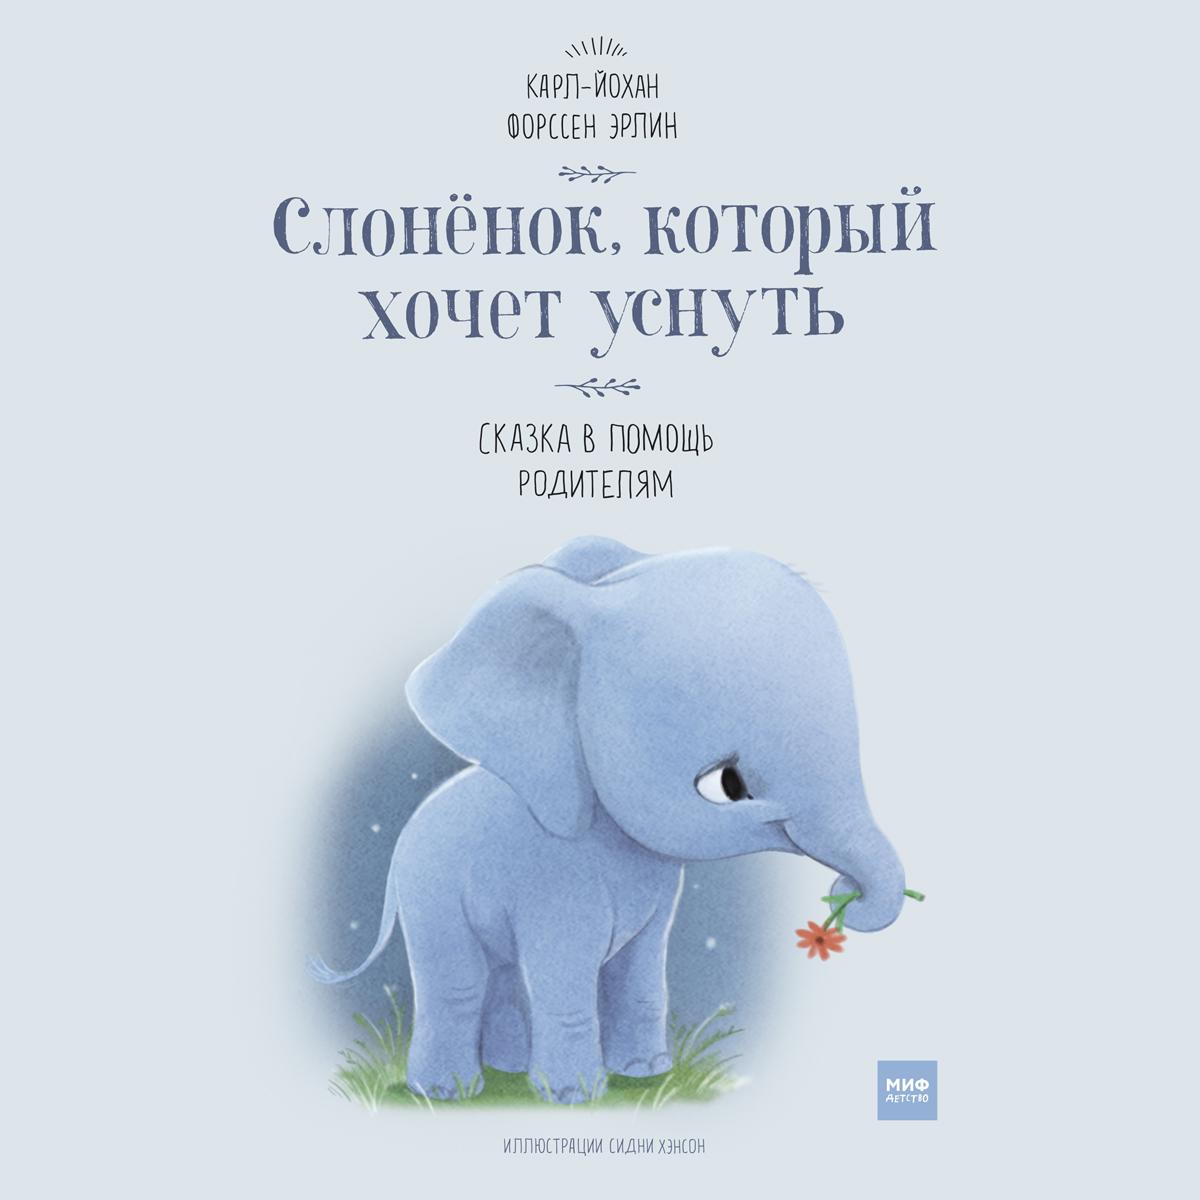 Слонёнок, который хочет уснуть. Сказка в помощь родителям